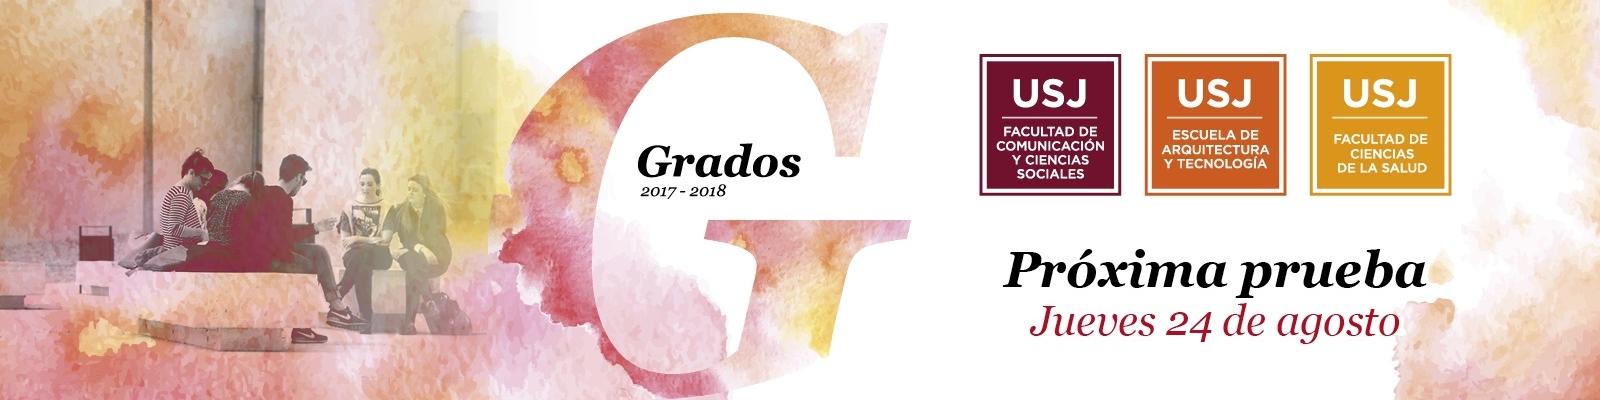 Próxima prueba de admisión de la Universidad San Jorge, 24 de agosto